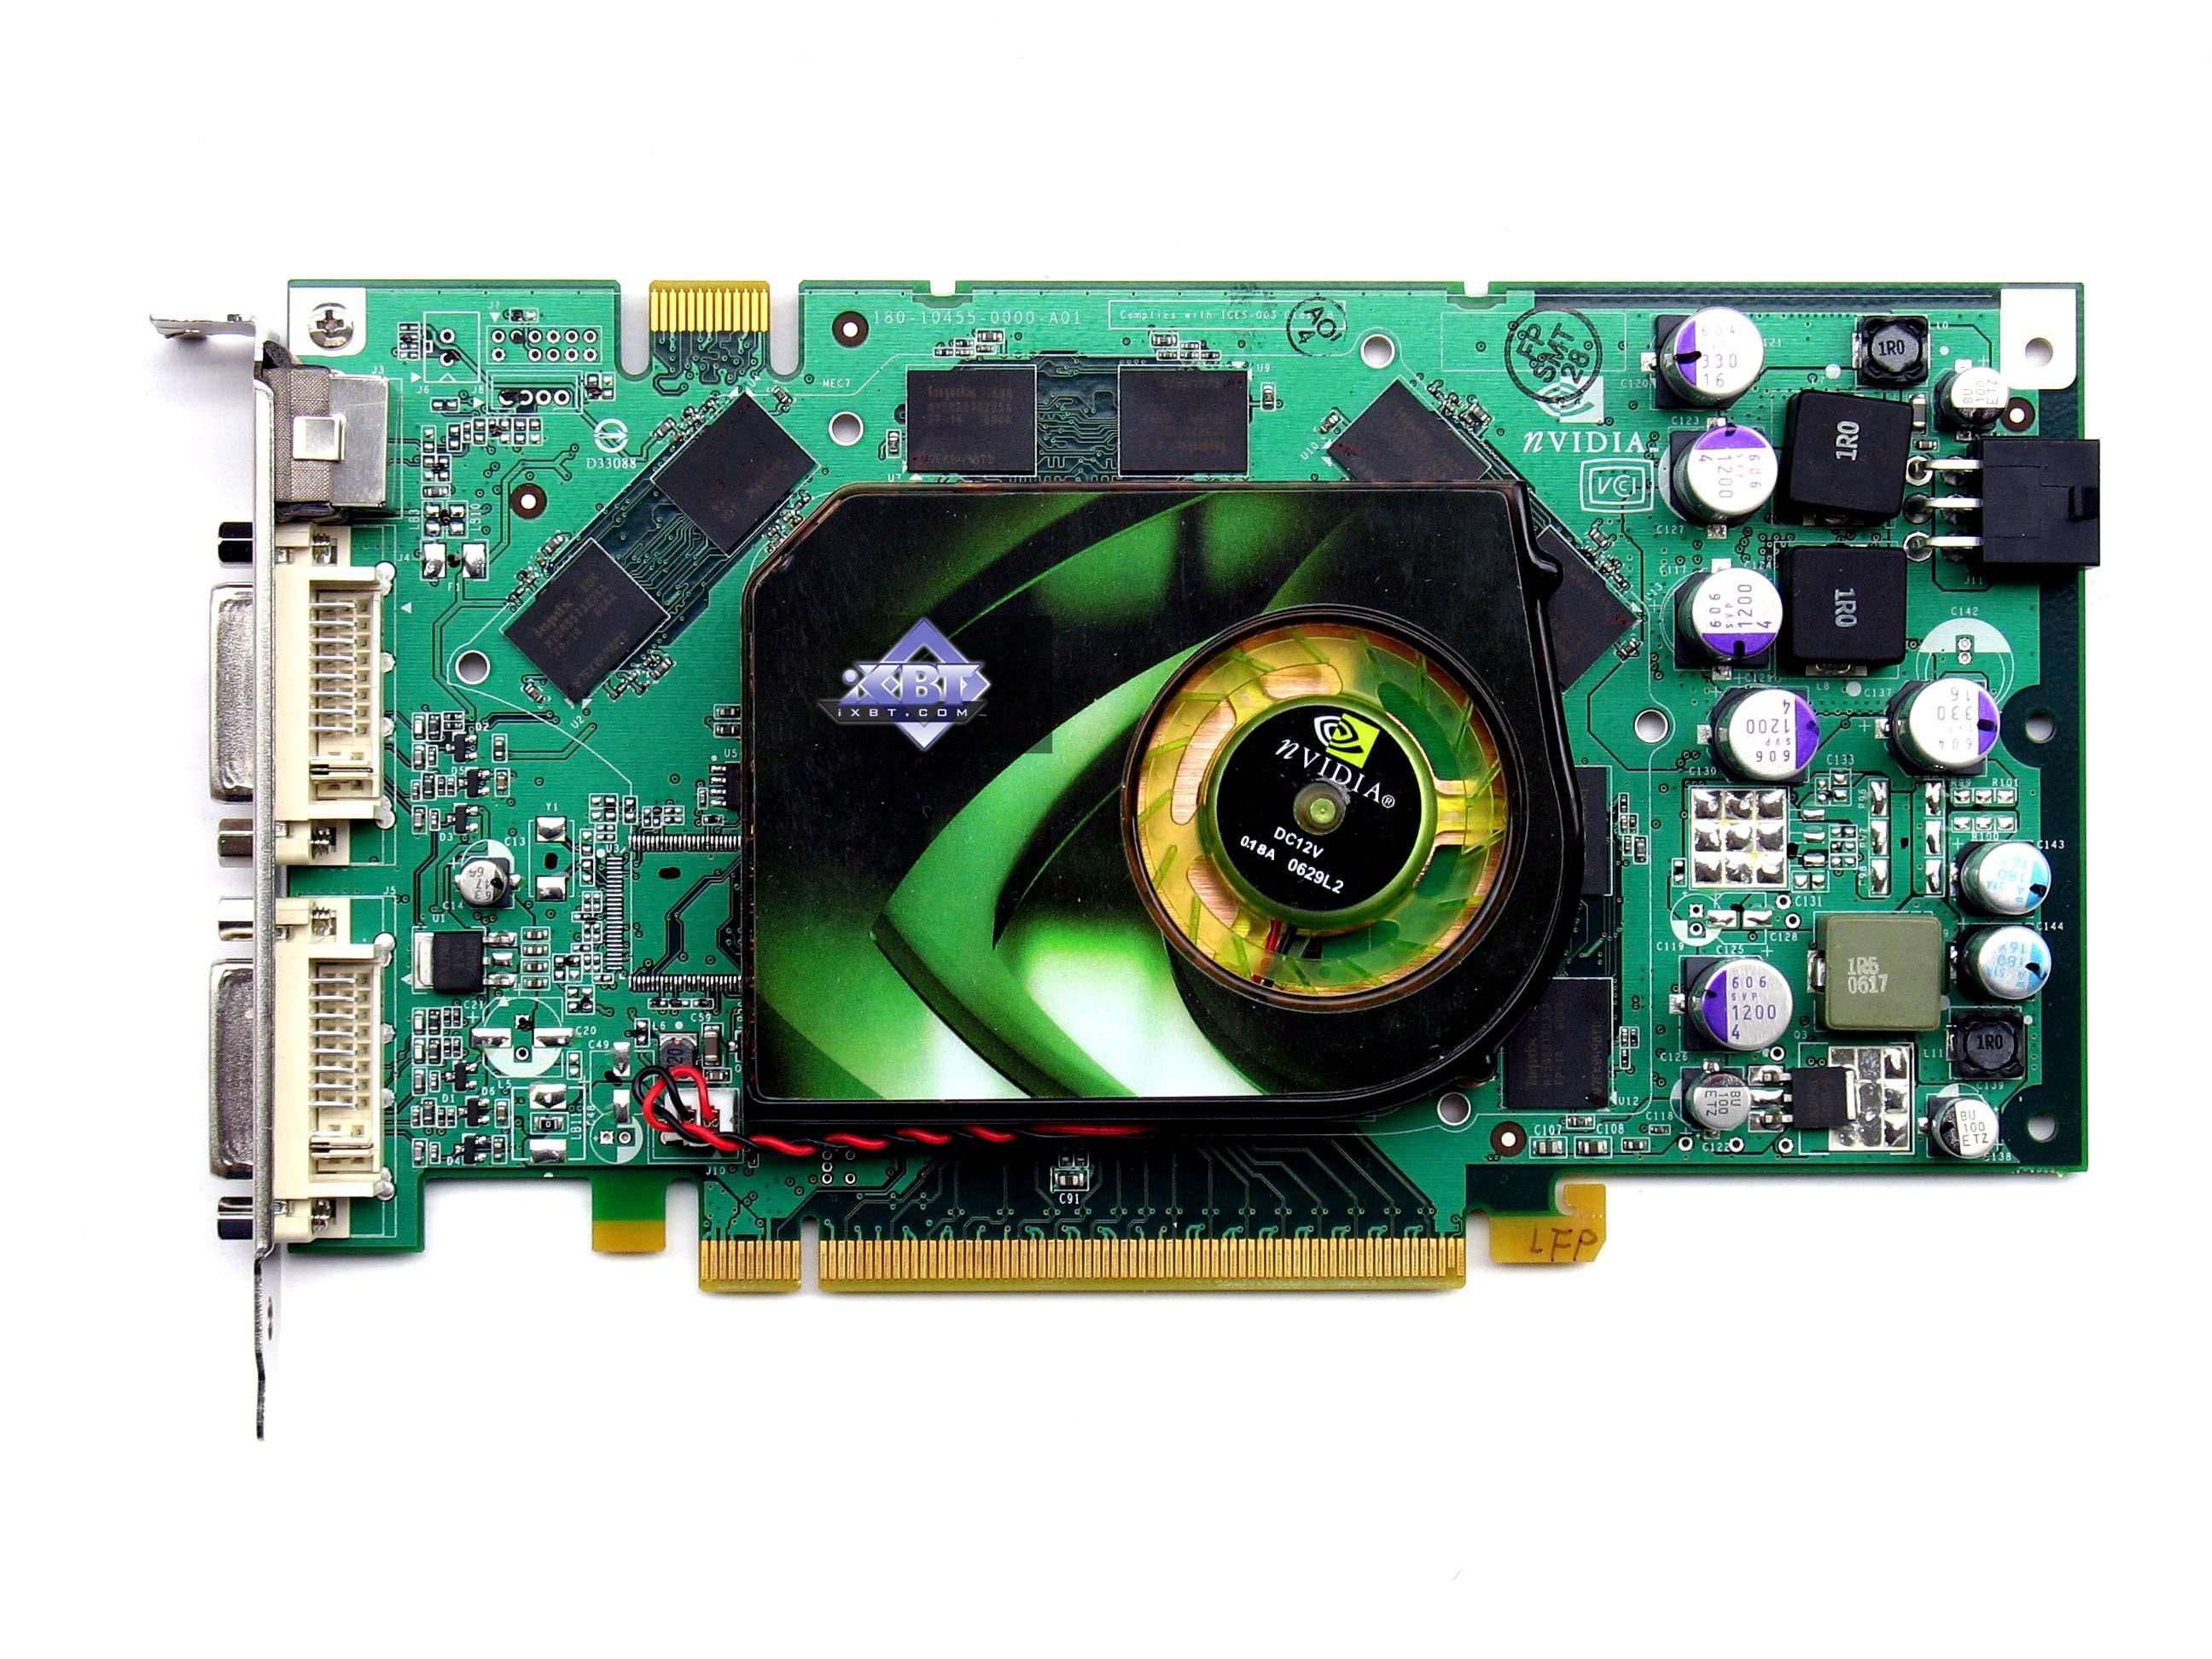 Скачать драйвера для nvidia 7900 gs